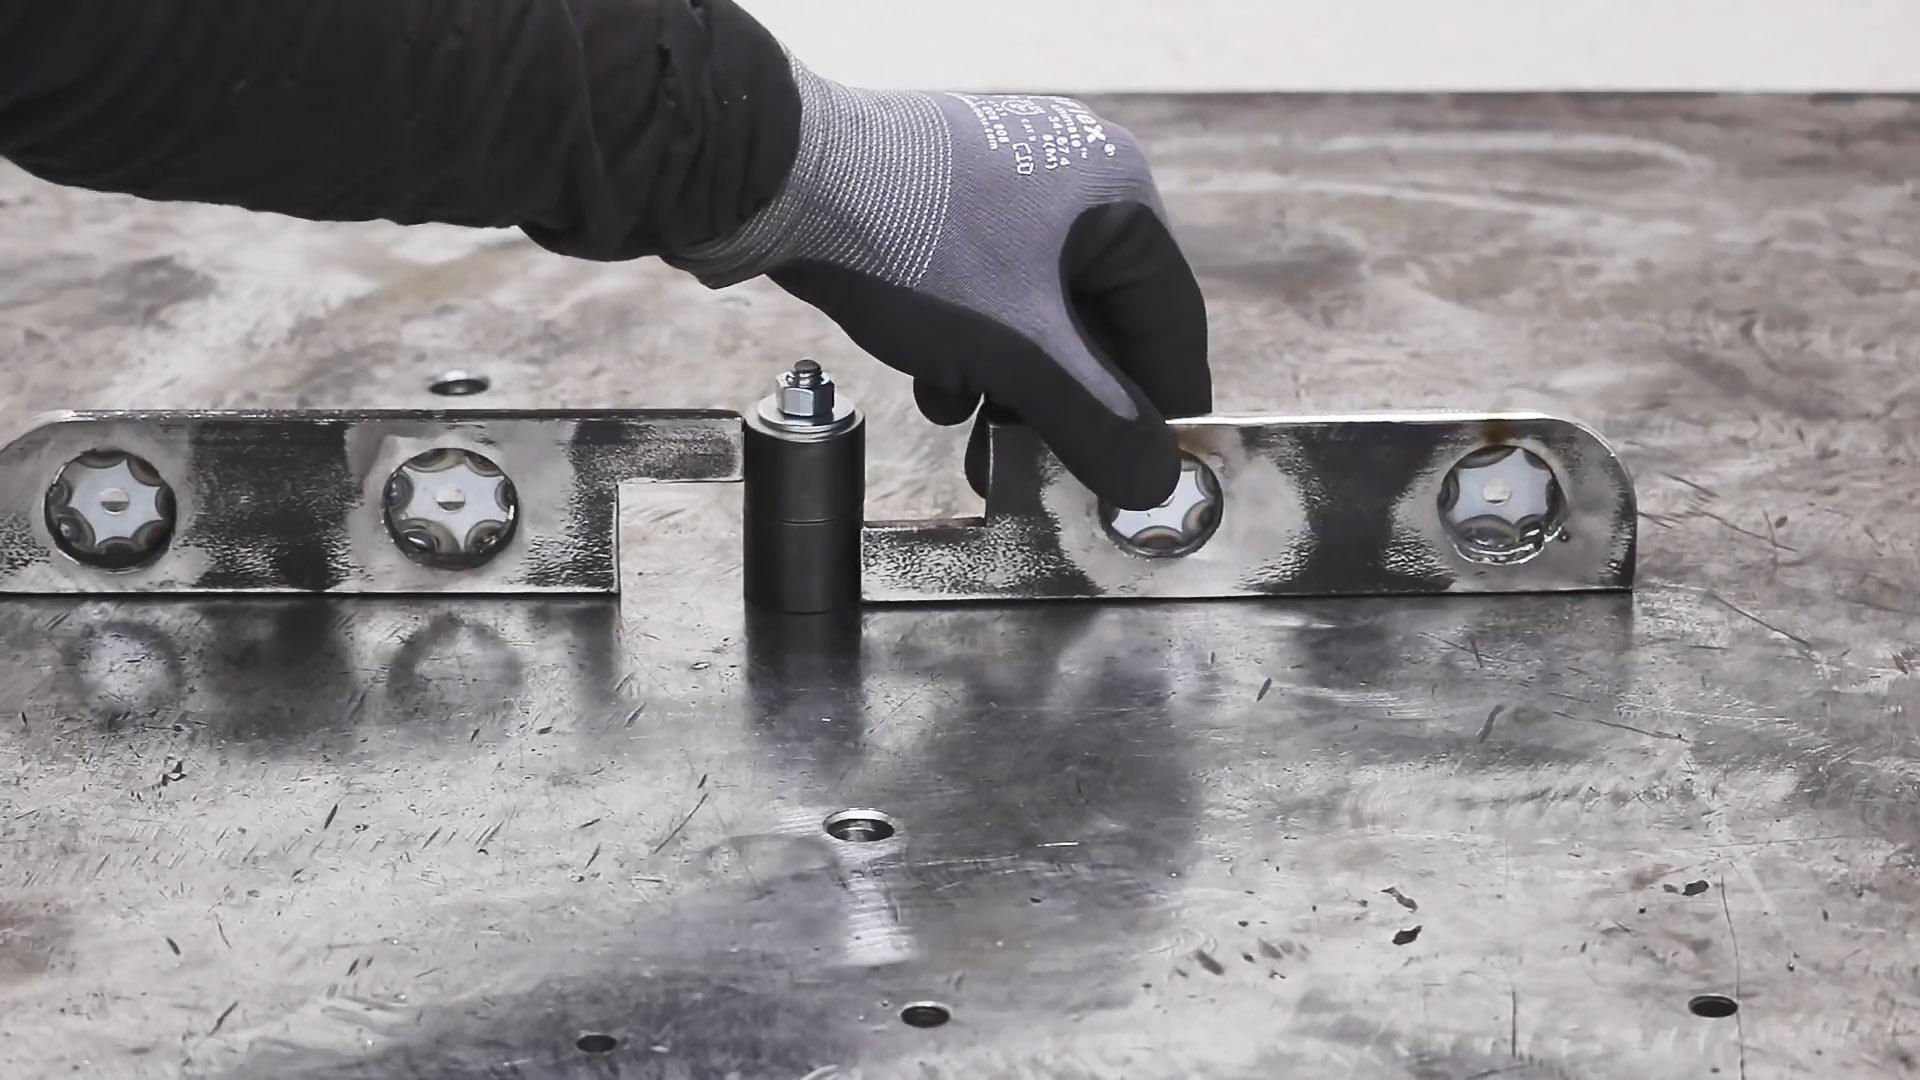 Как сделать магнитный держатель для сварки под любым углом, который не купить в магазине